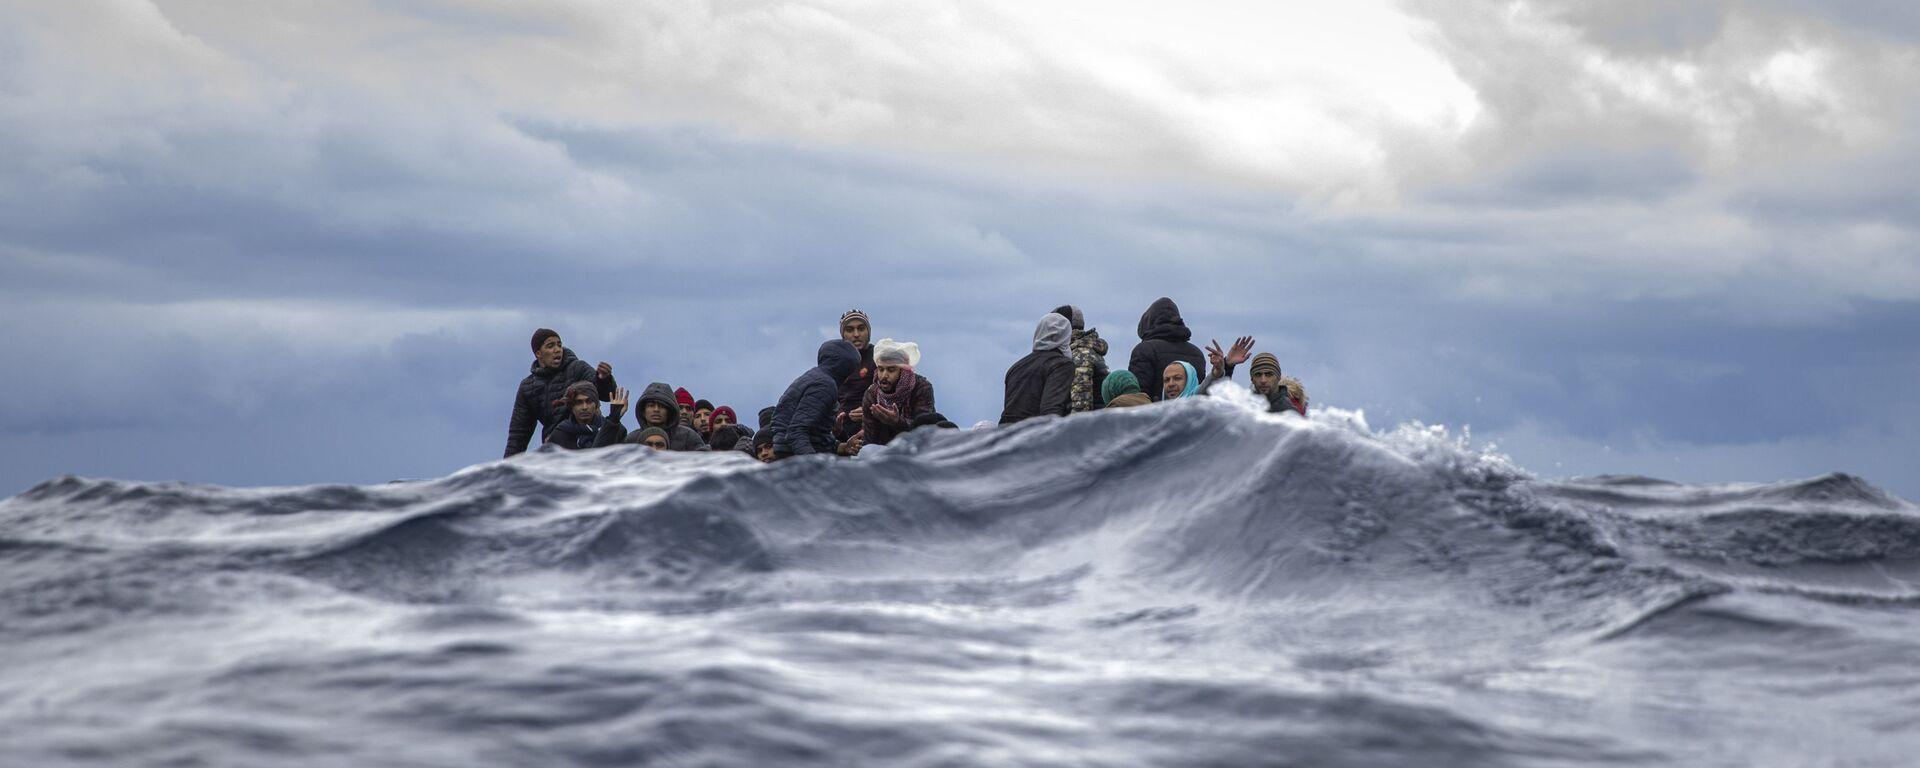 Inmigrantes en medio del mar Mediterráneo a punto de ser rescatados por la ONG española Open Arms. Enero 2020 - Sputnik Mundo, 1920, 20.07.2021